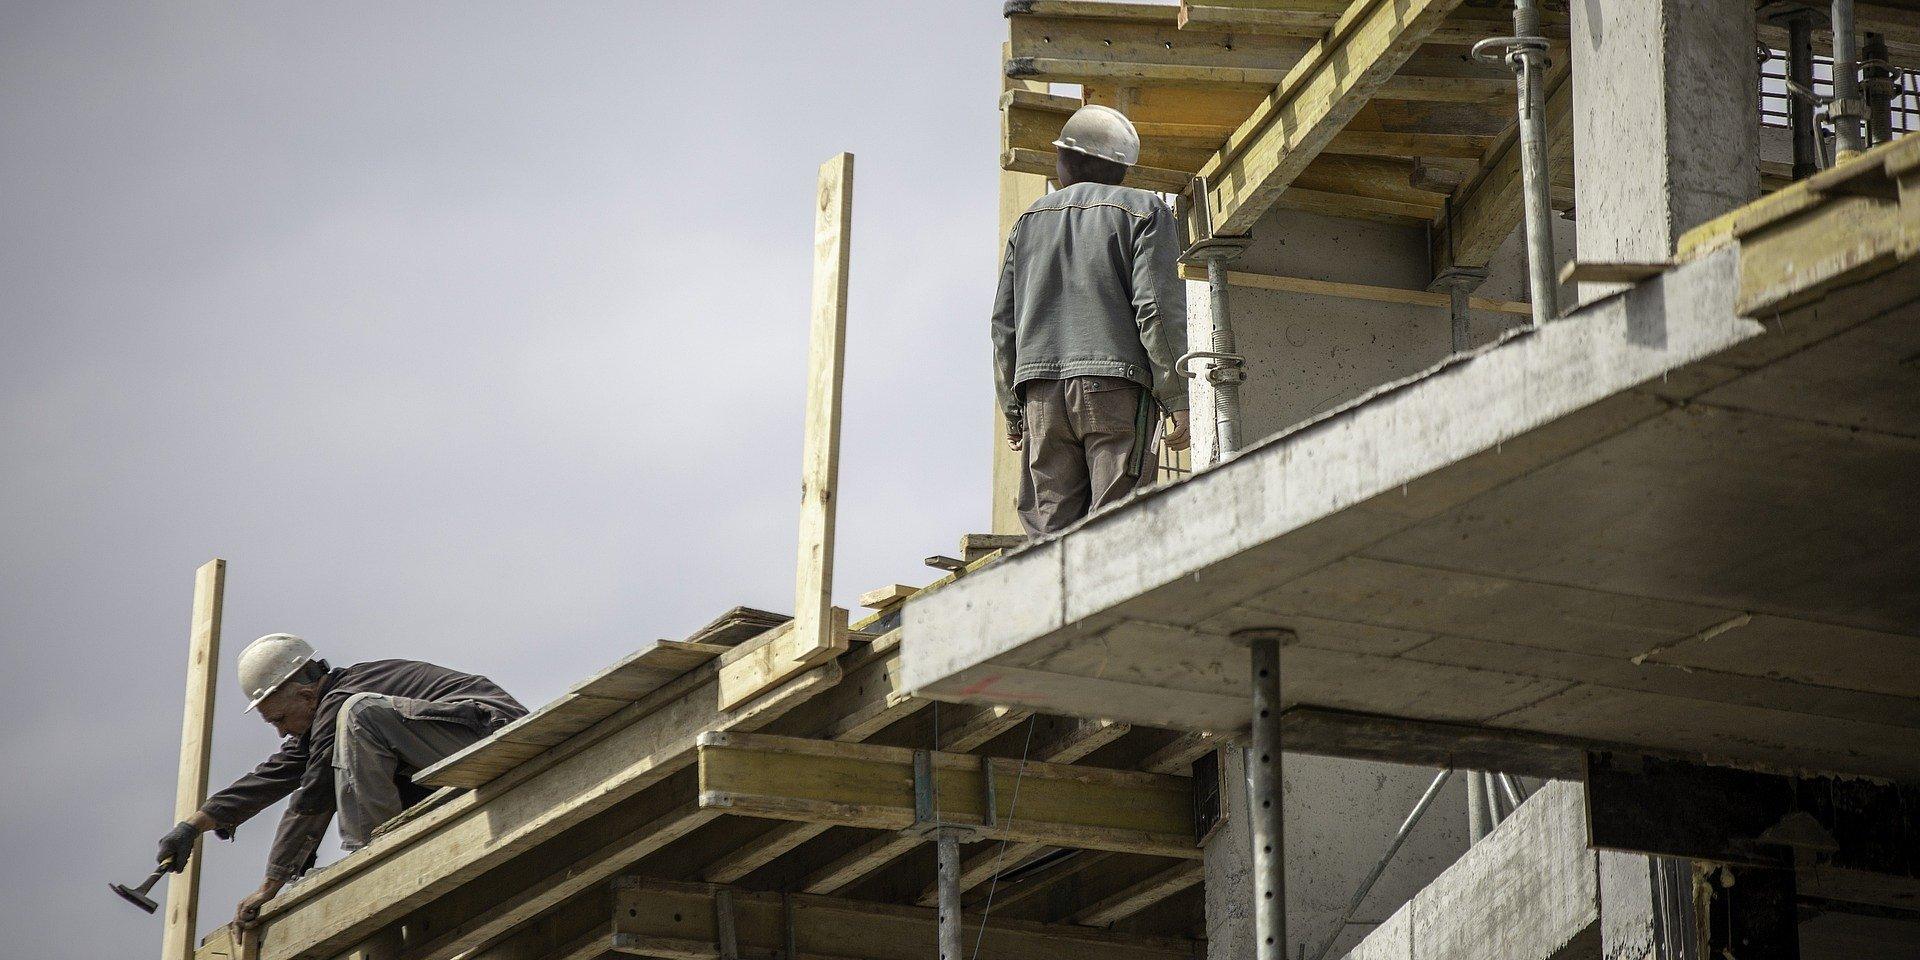 Zmiany w prawie budowlanym – nowa procedura i wyższe kary dla inwestorów za nielegalne użytkowanie budynków